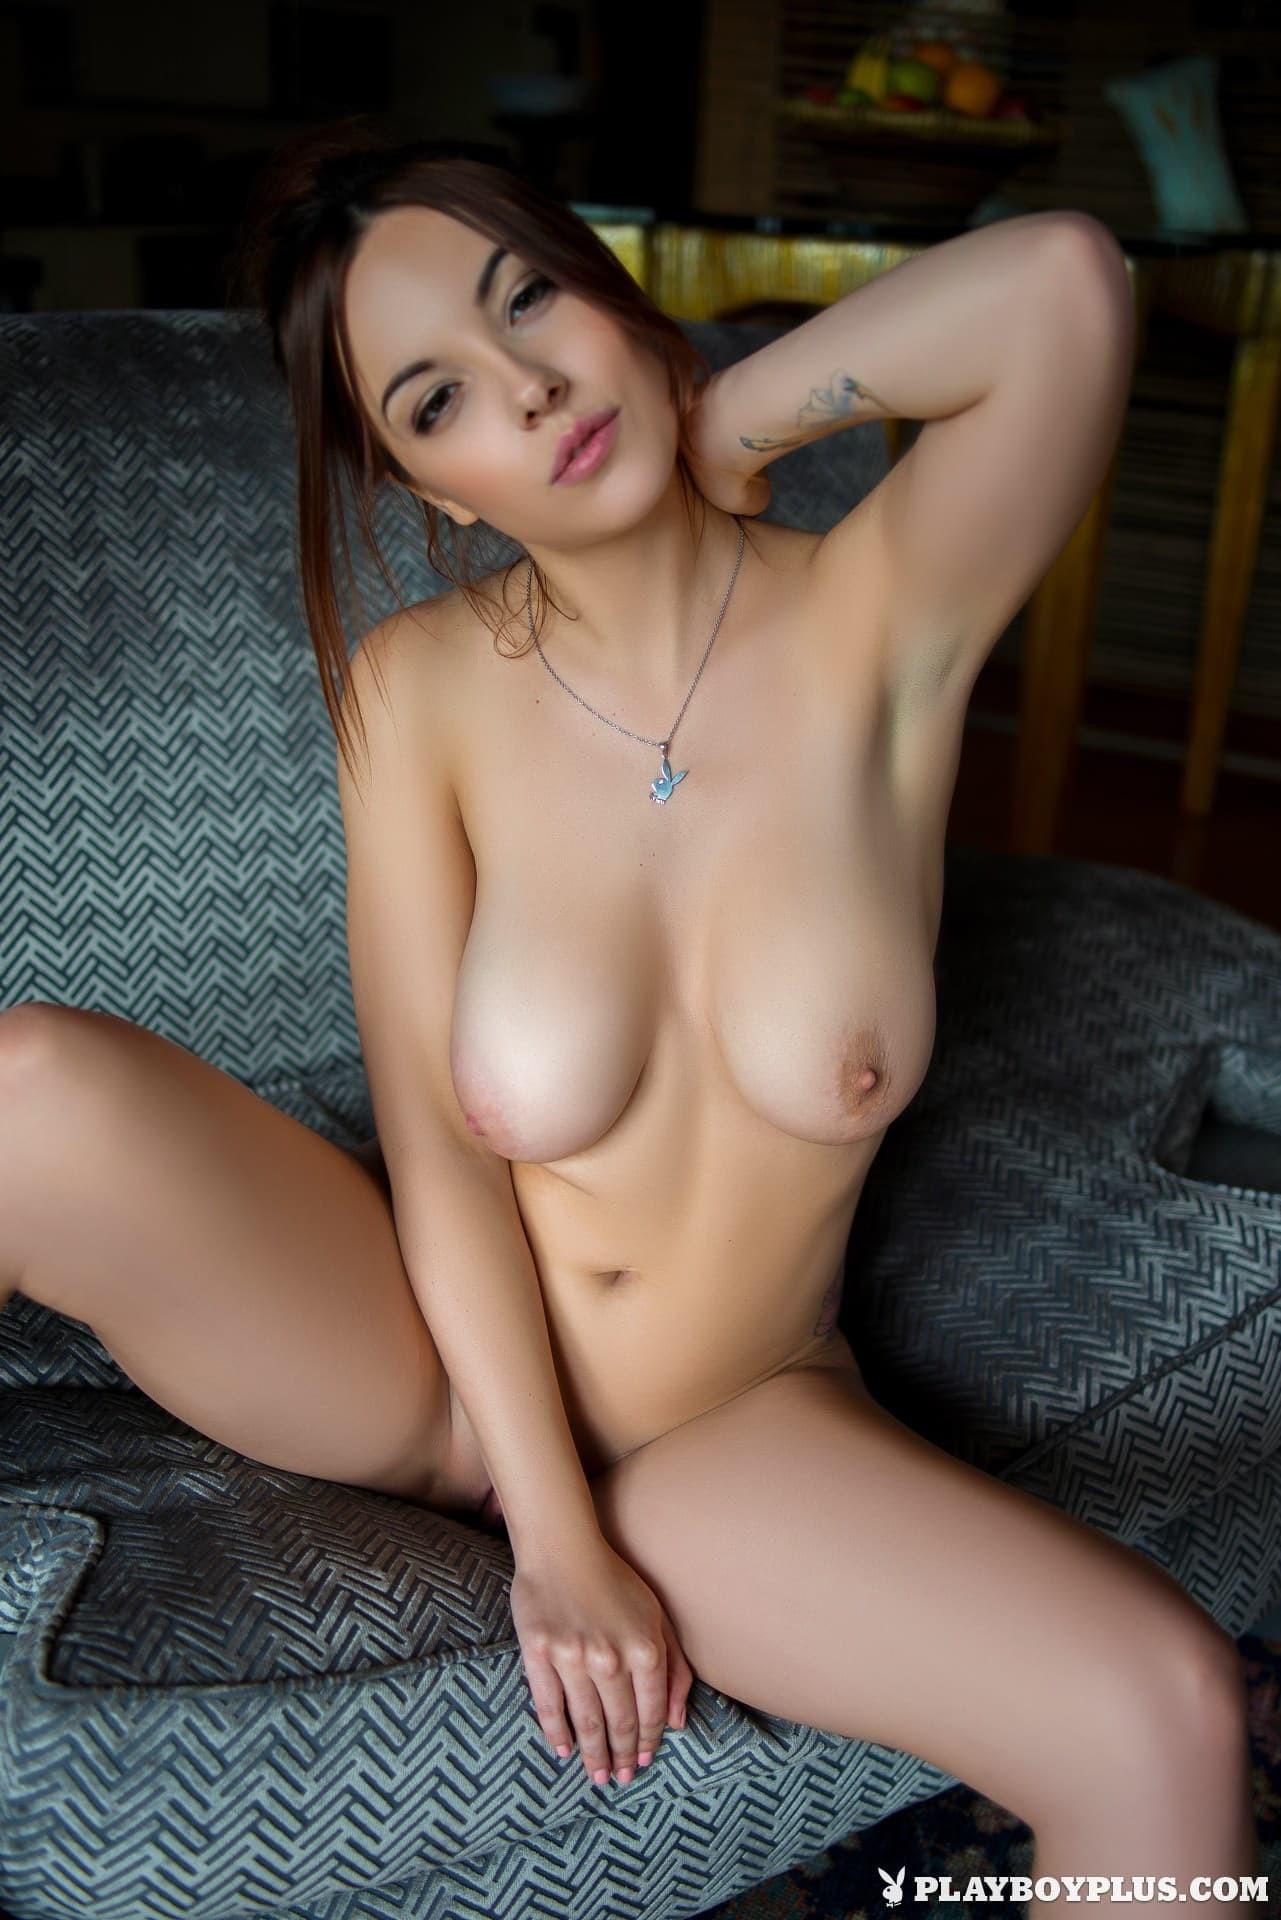 Девушка с натуральными большими сиськами - фото